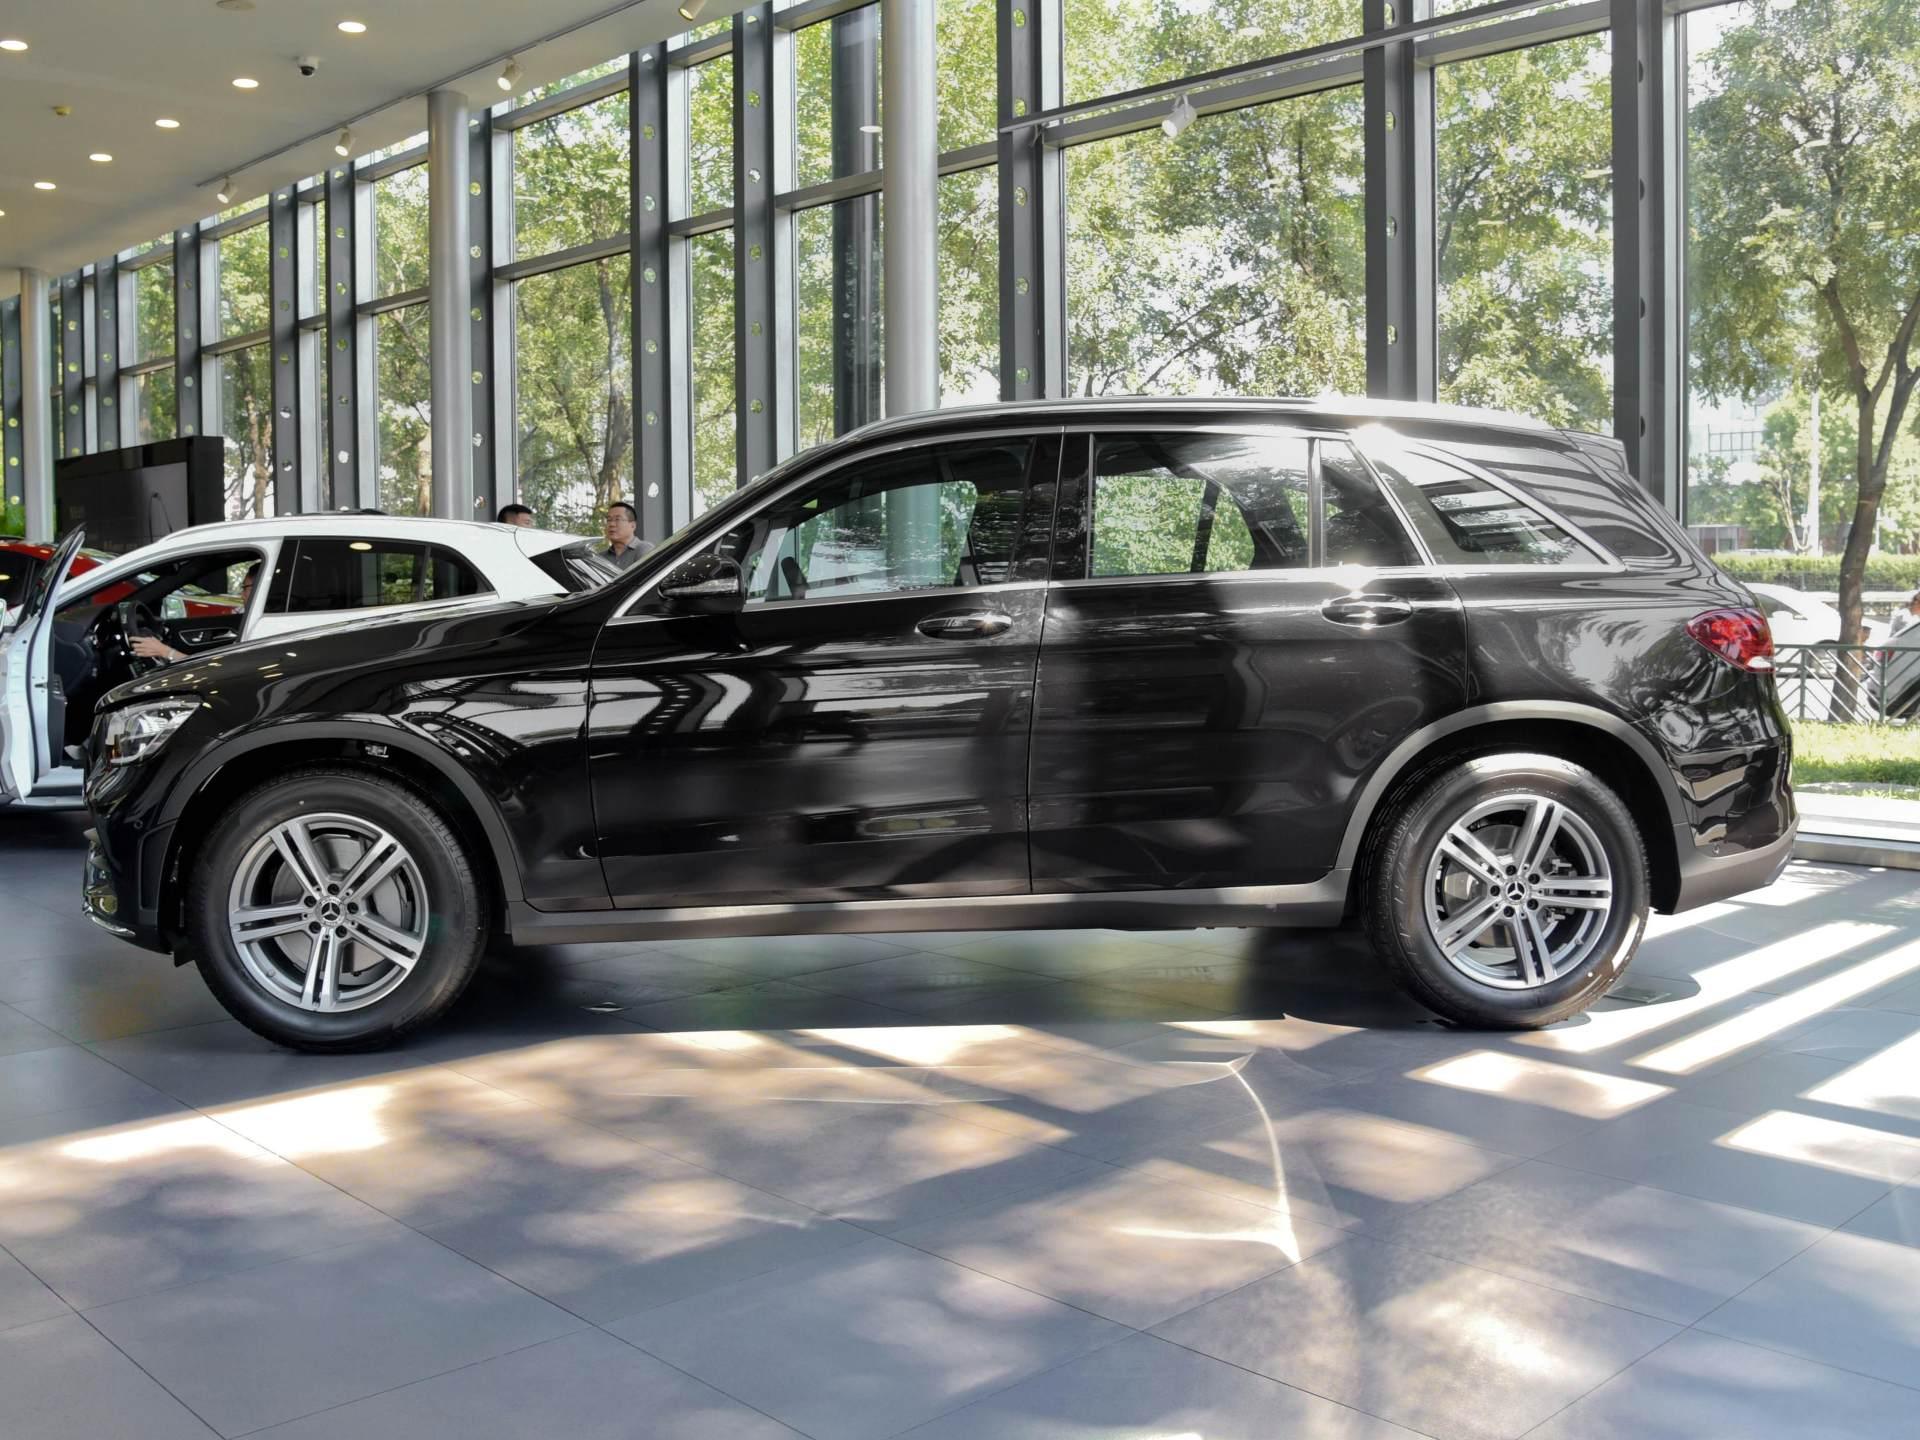 實在的豪華SUV,高近1.9米,2.0T+四驅,奔馳品牌是亮點-圖3